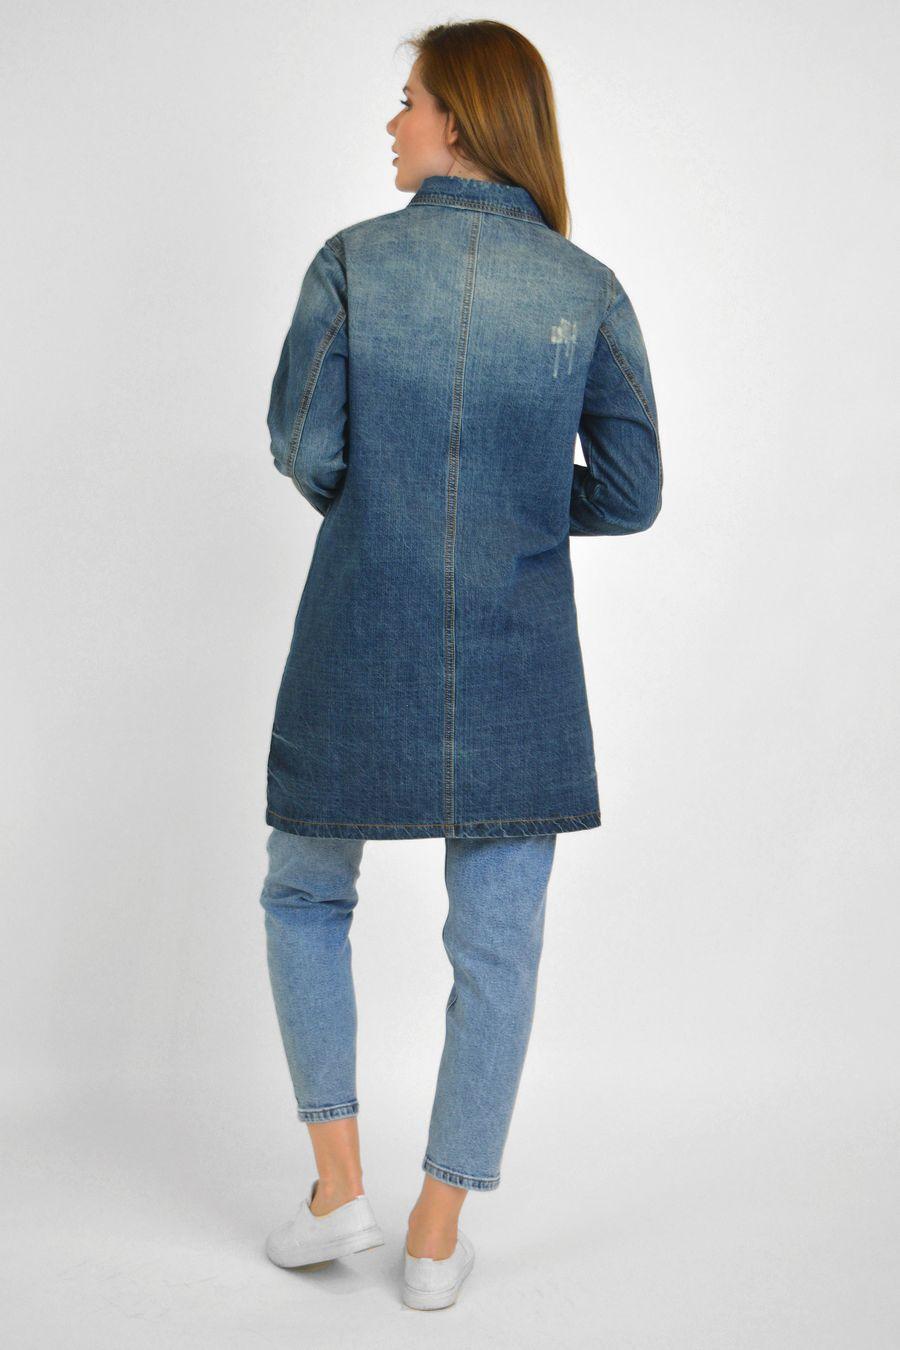 Рубашка женская Baccino 6099 джинсовая - фото 4